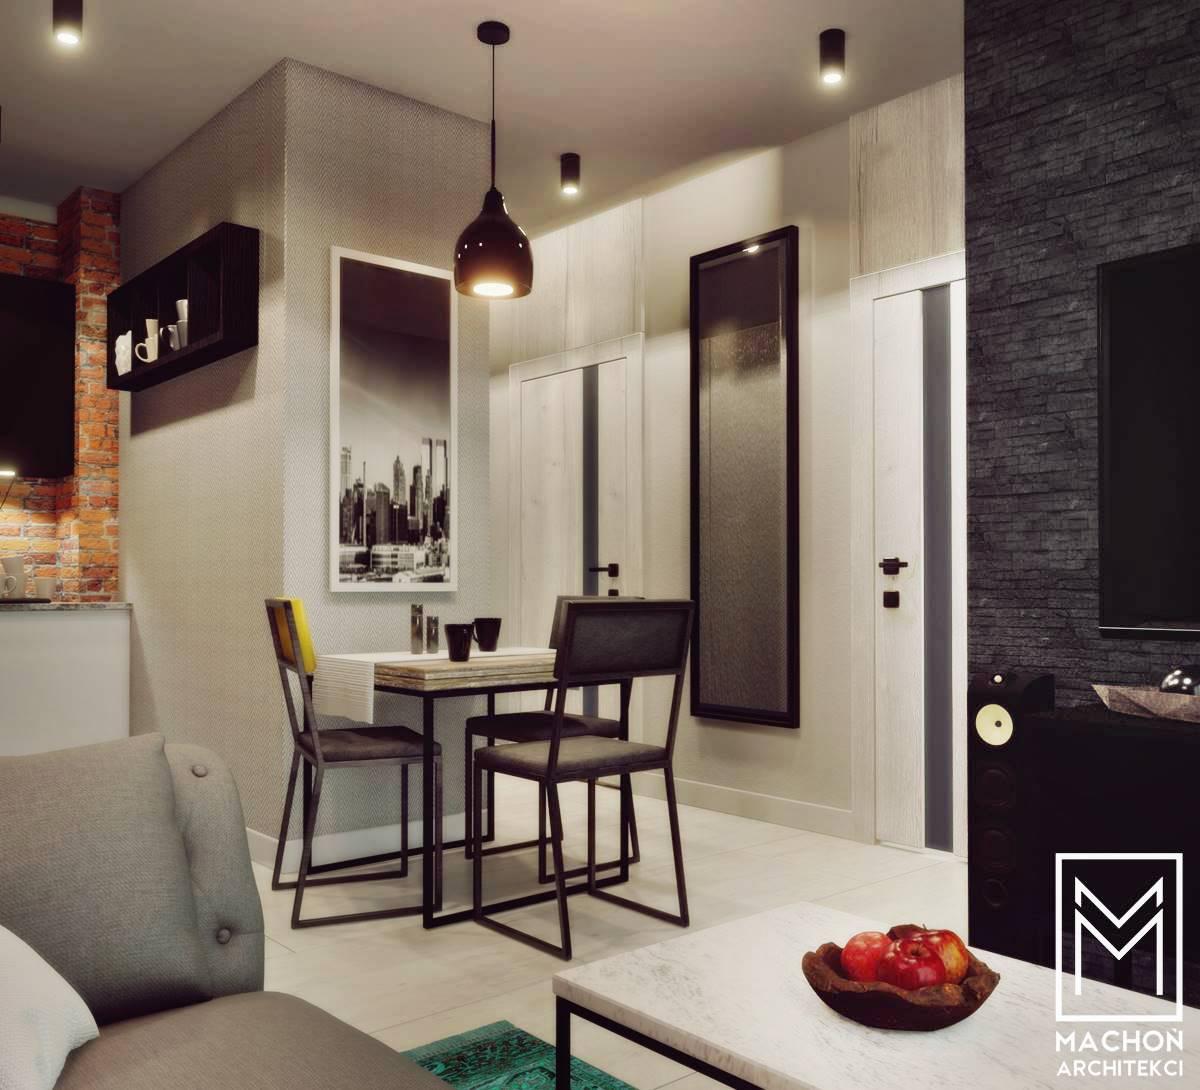 mieszkanie katowice kraków zator wadowice gliwice małopolska sląsk projekt nowoczesnego wnętrza małe mieszkanie loft